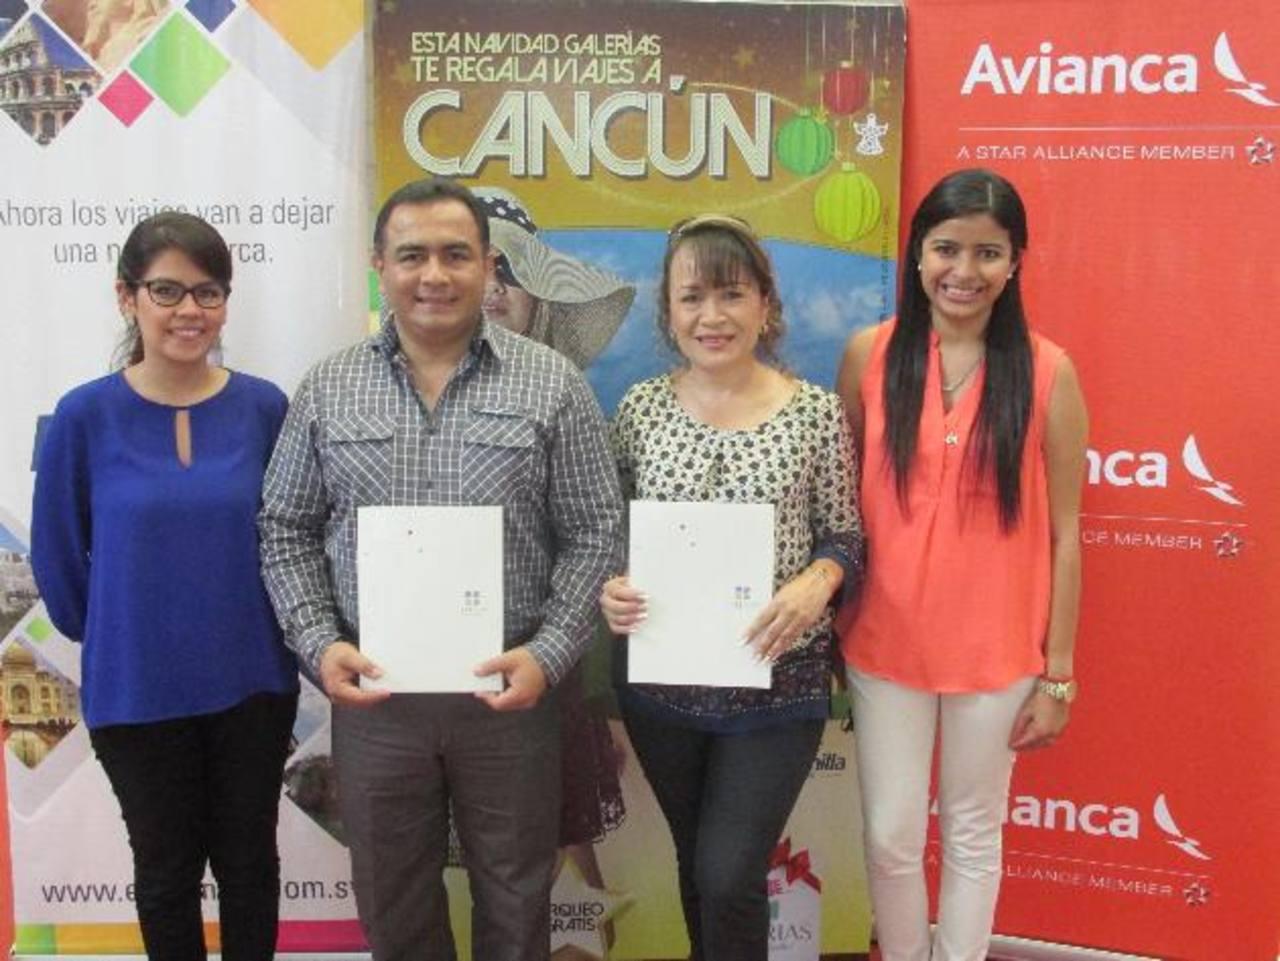 Miguel Ávila y Marlene Zarsol, ganadores de los viajes a Cancún. Foto edh/ Cortesía